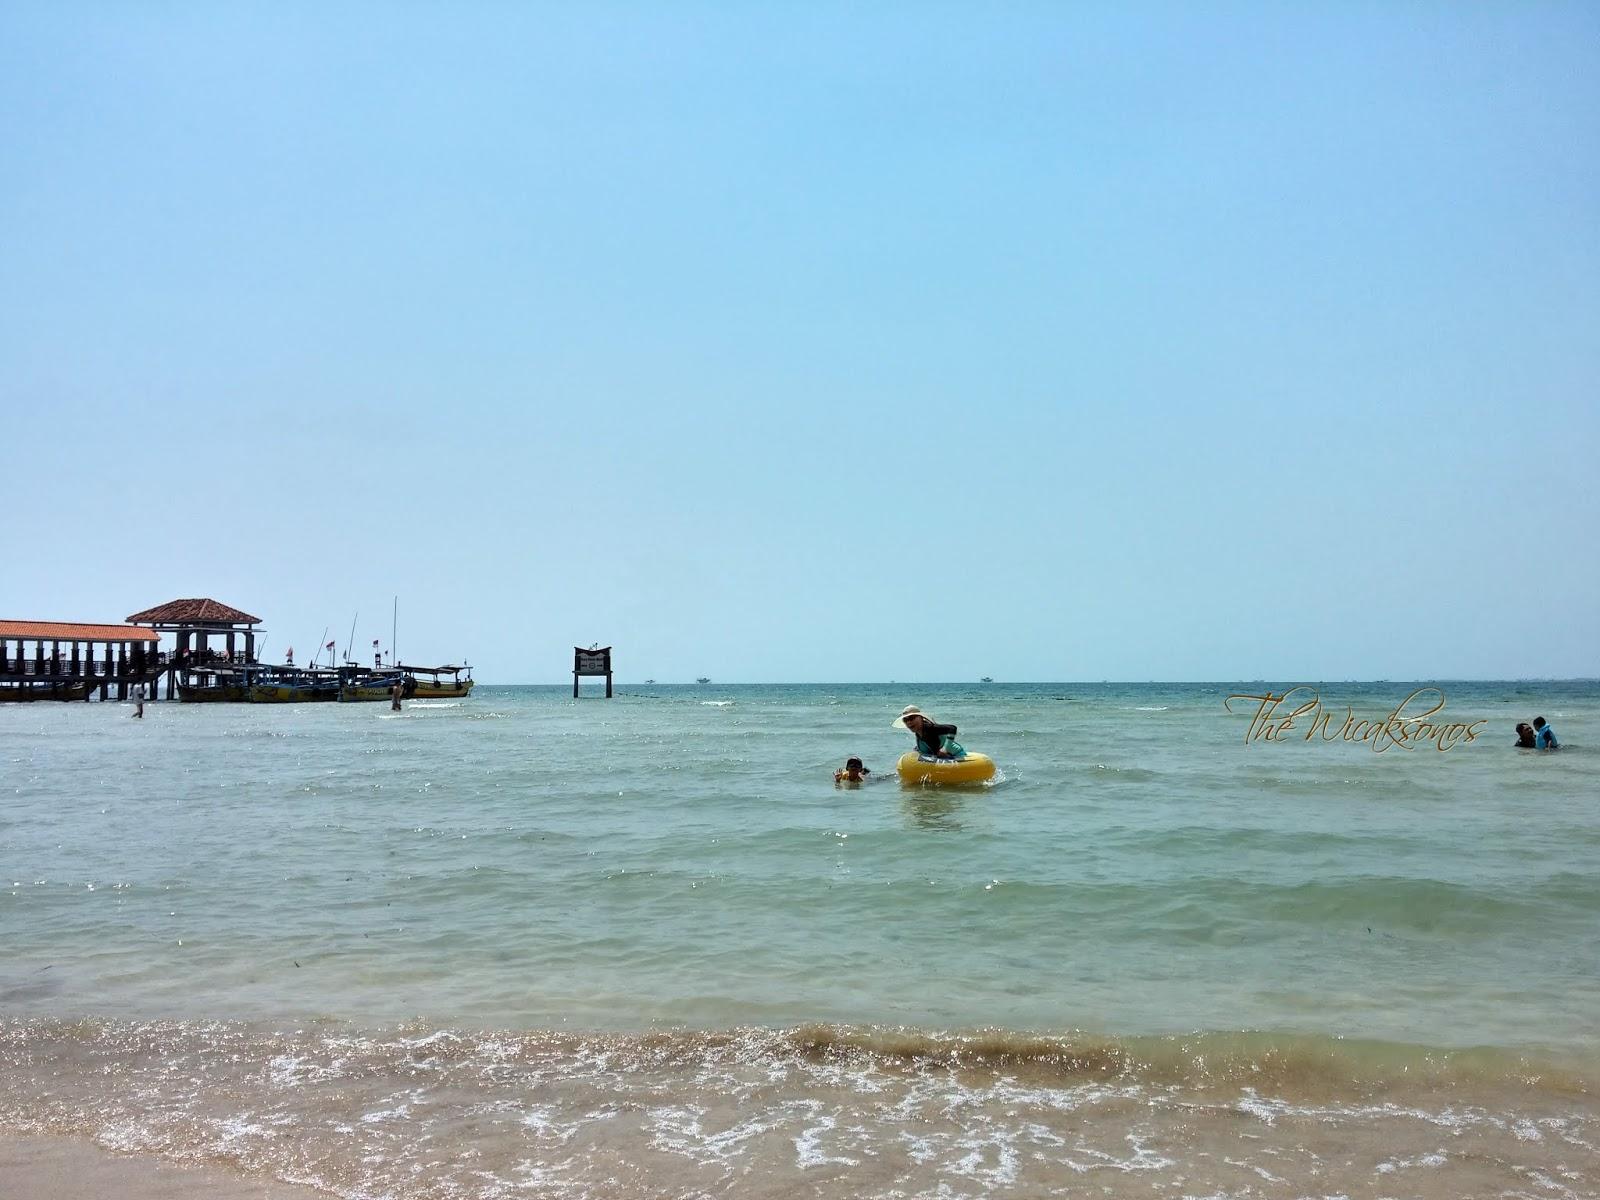 Pantai Bandengan Lebih Indah dan Lebih Mudah Diakses Ketimbang Pulau Panjang